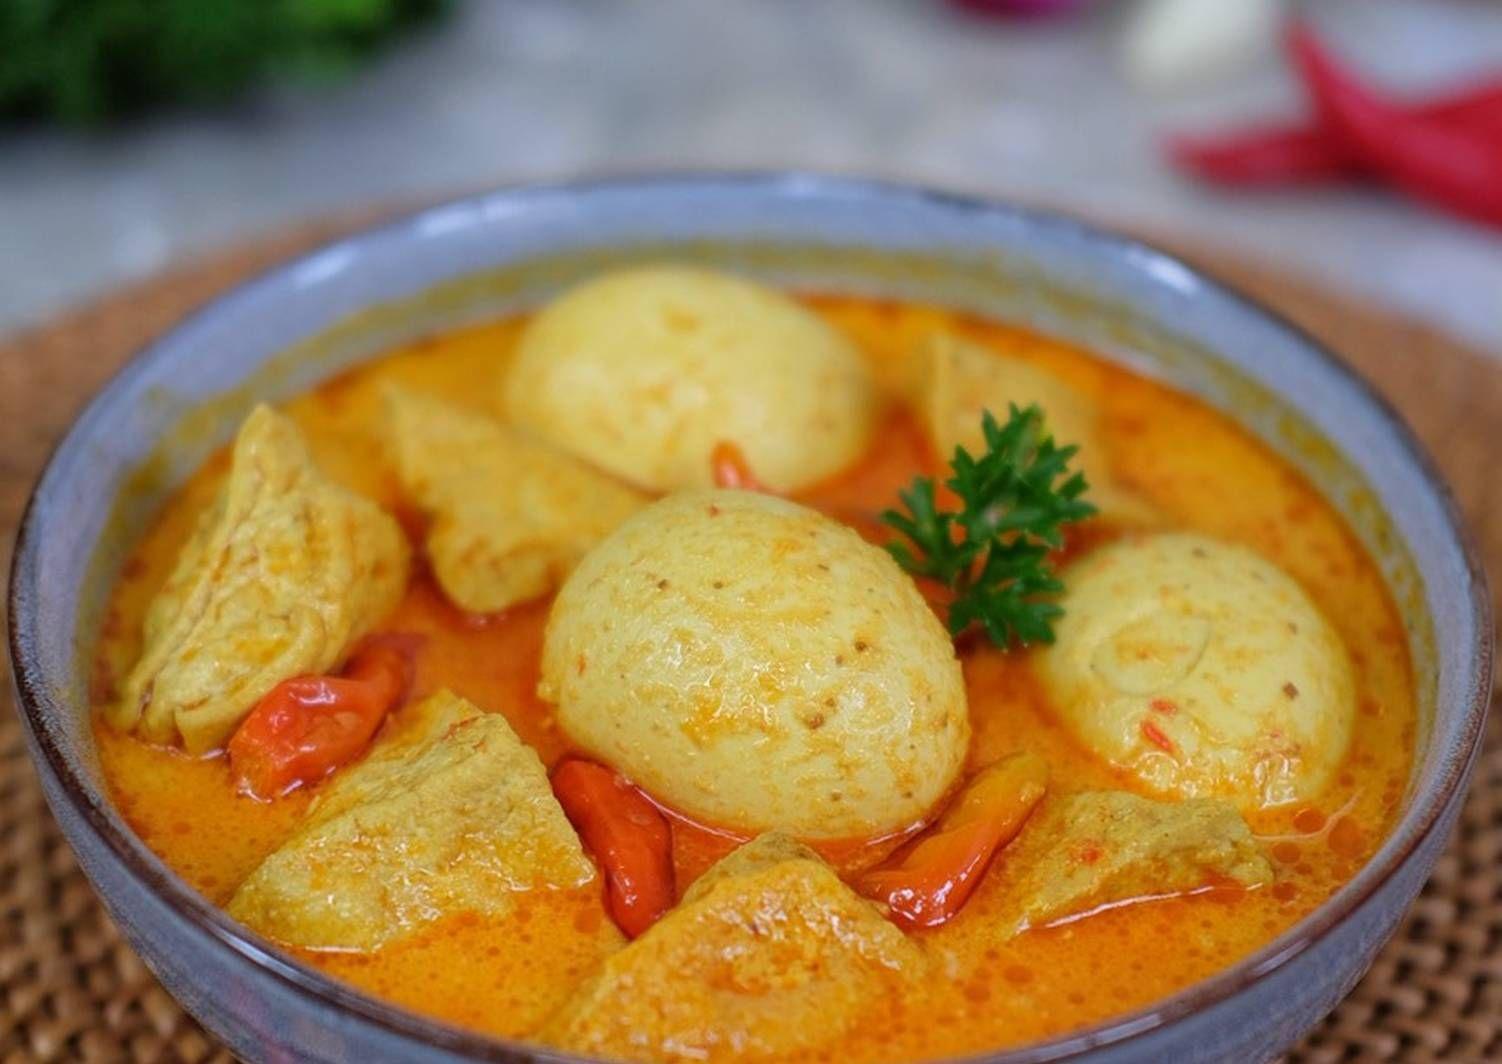 Resep Tahu Telur Bumbu Rujak Oleh Susi Agung Resep Resep Tahu Ide Makanan Telur Bumbu